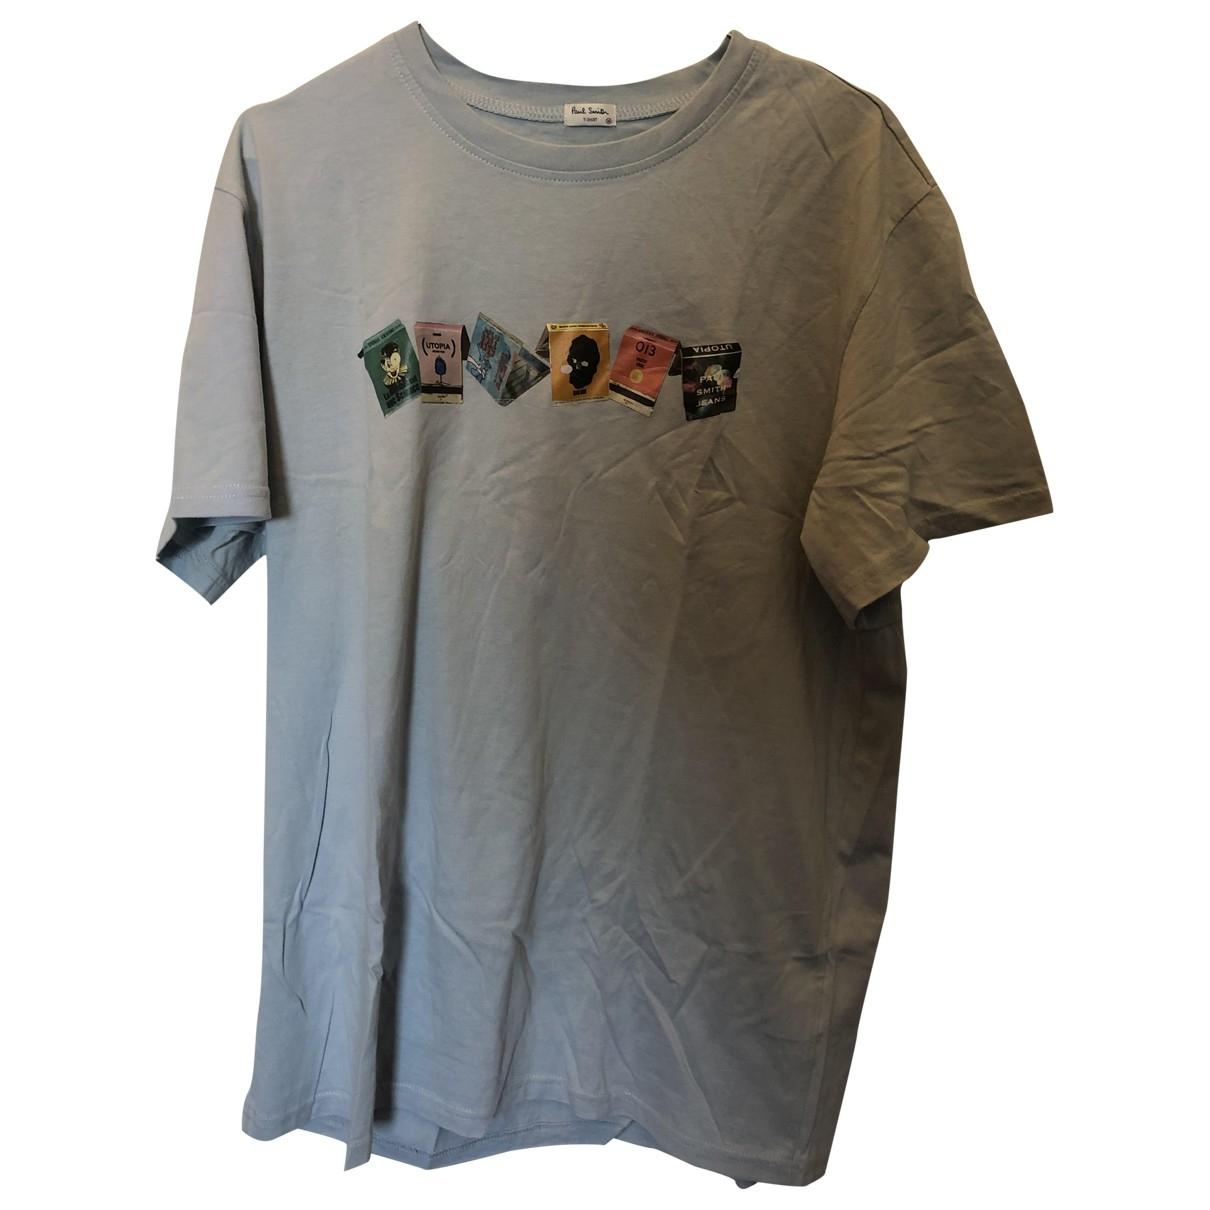 Paul Smith - Tee shirts   pour homme en coton - gris